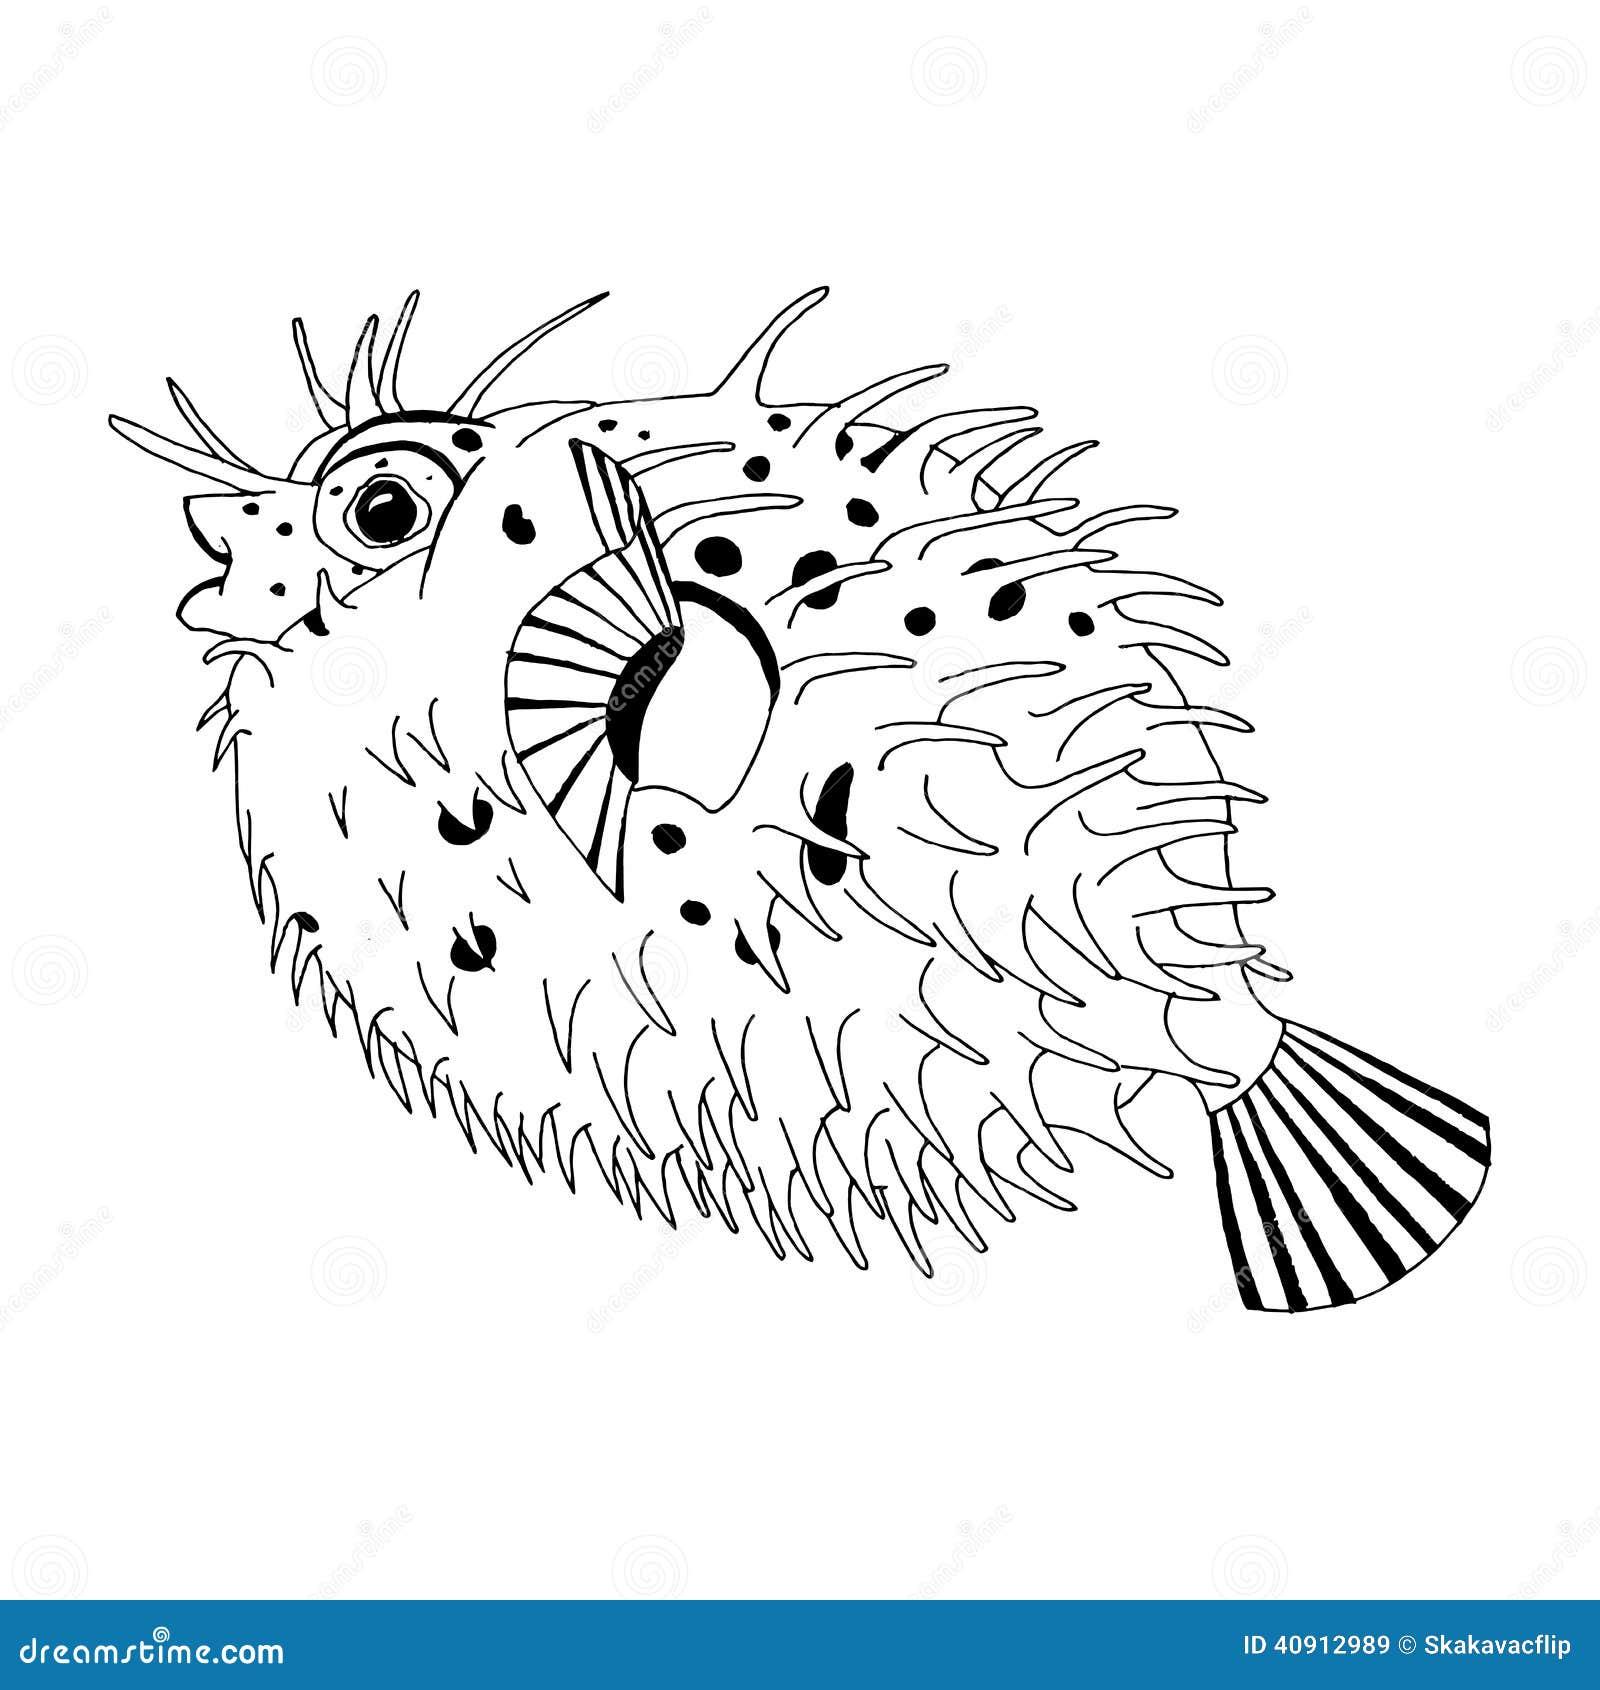 Dibujo original de los pescados de puerco espín de la espina dorsal